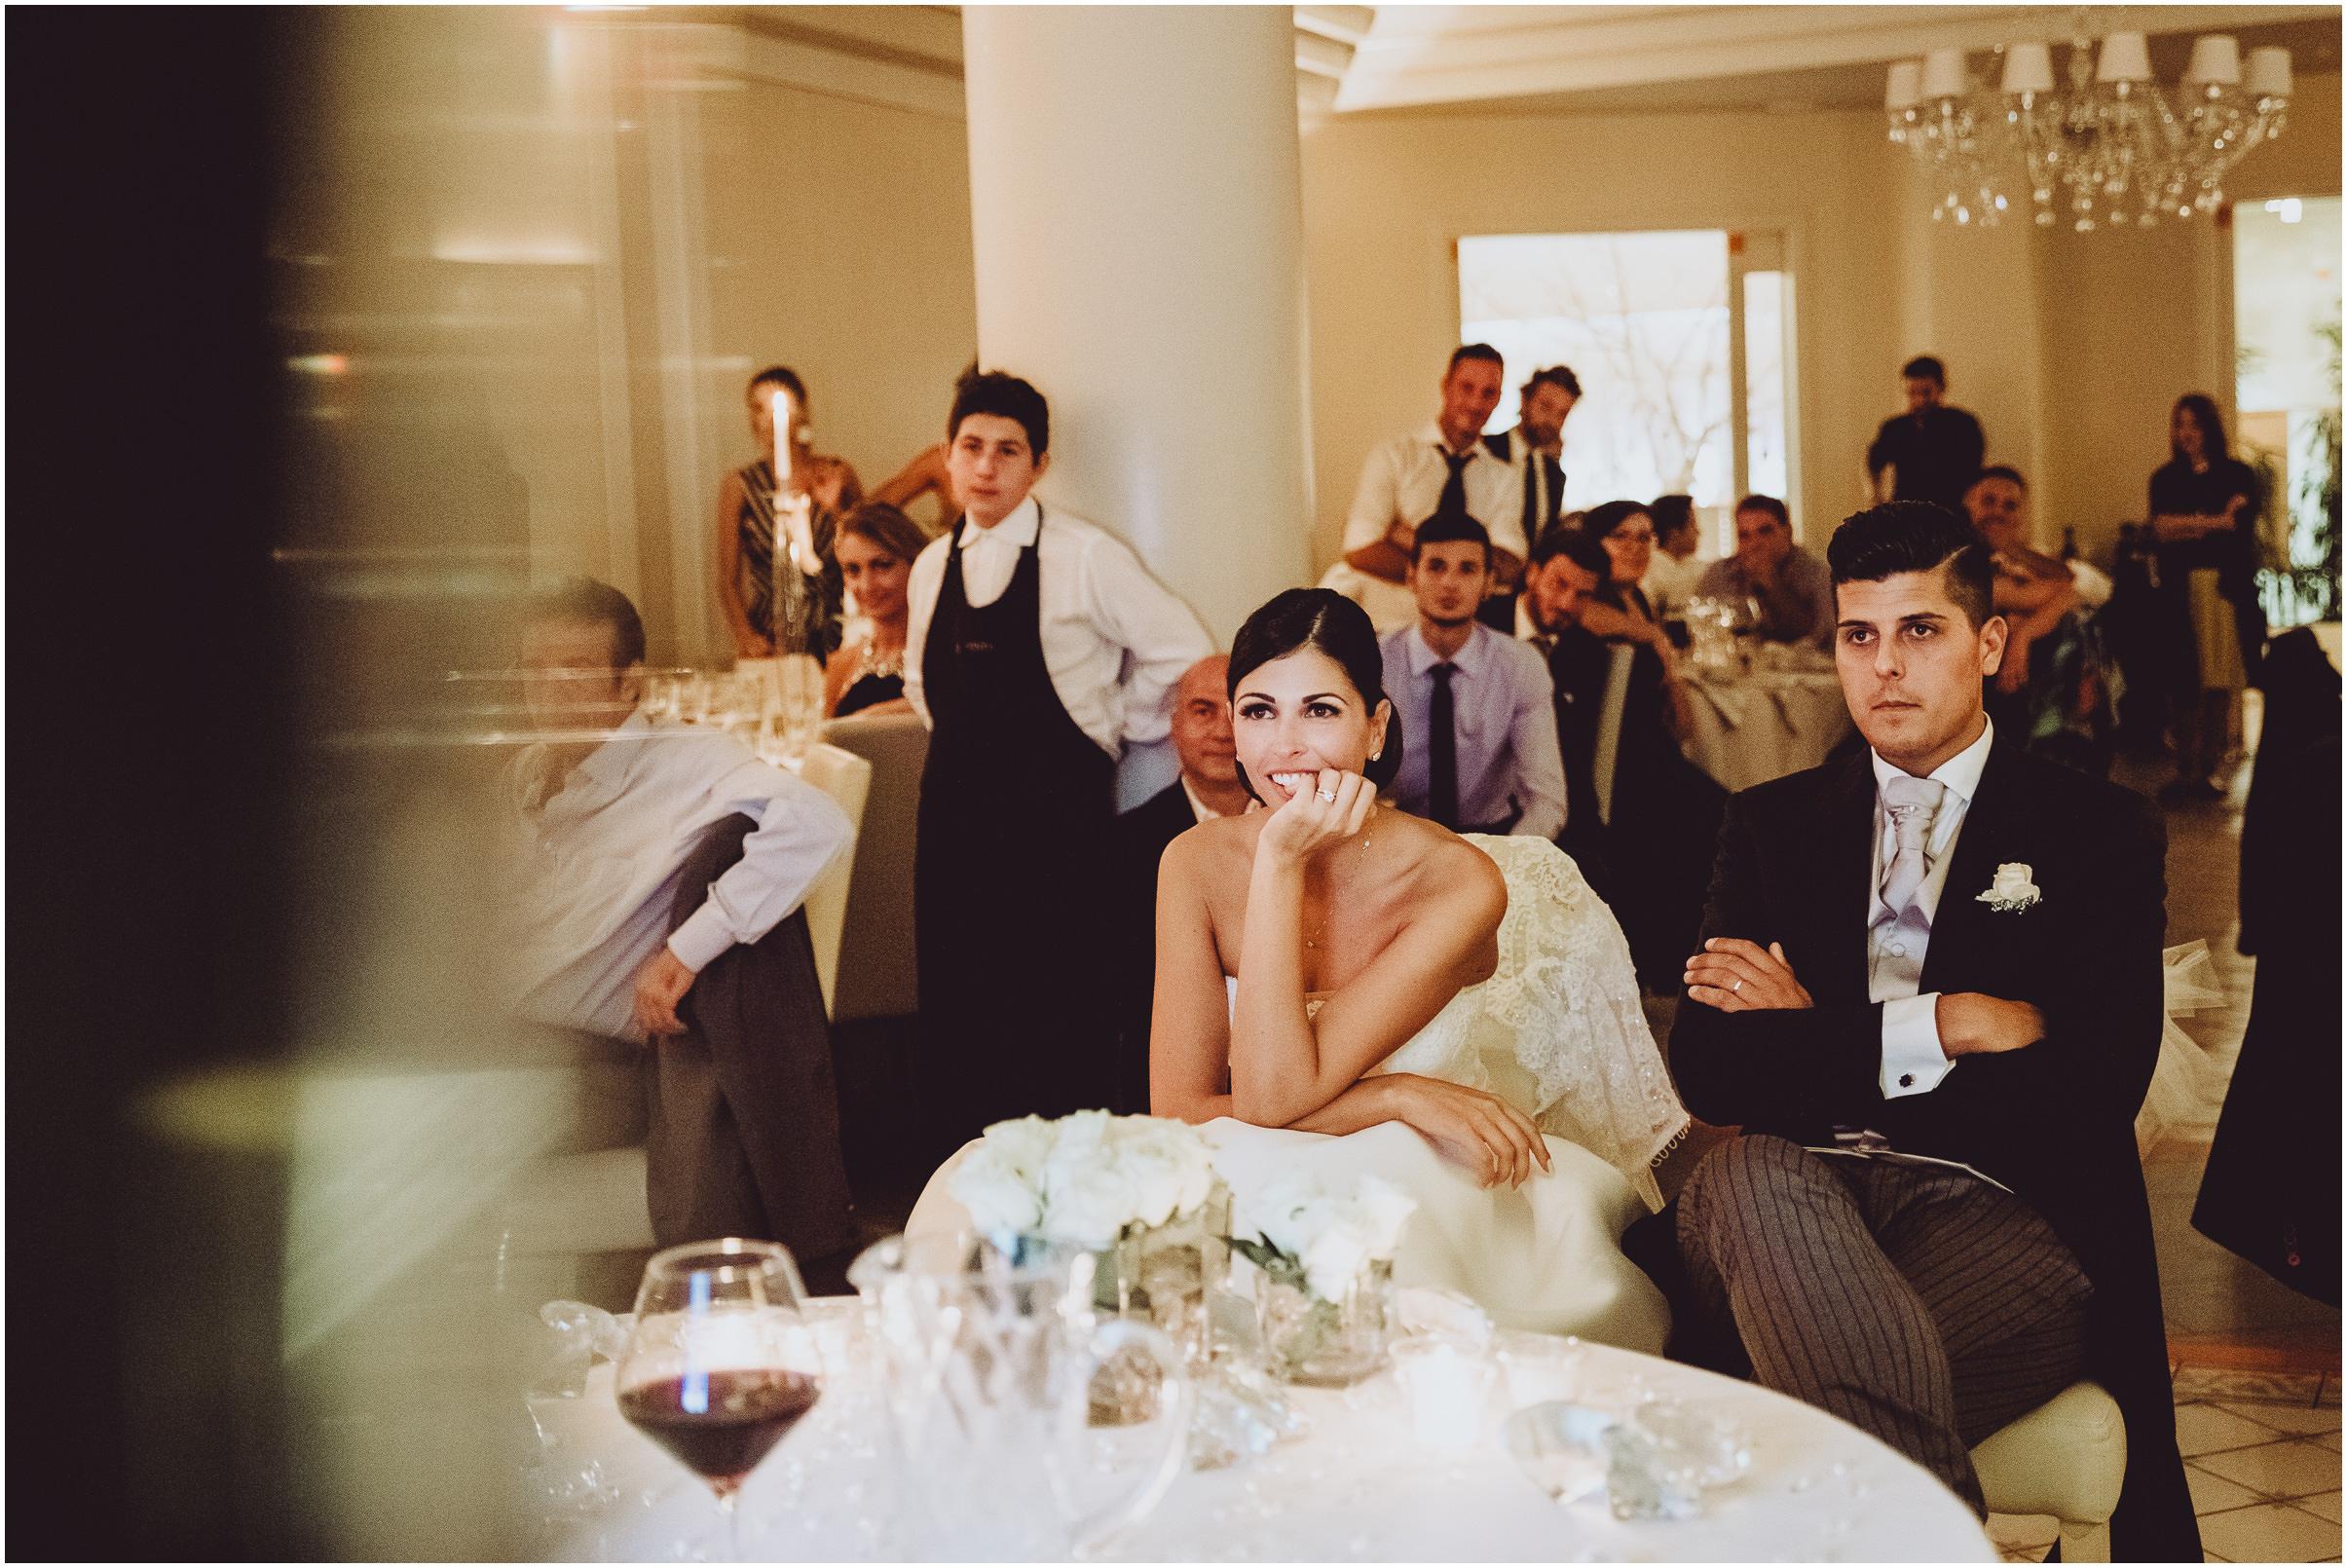 WEDDING-PHOTOGRAPHY-SARA-LORENZONI-FOTOGRAFIA-MATRIMONIO-AREZZO-TUSCANY-EVENTO-LE-SPOSE-DI-GIANNI-ELISA-LUCA061